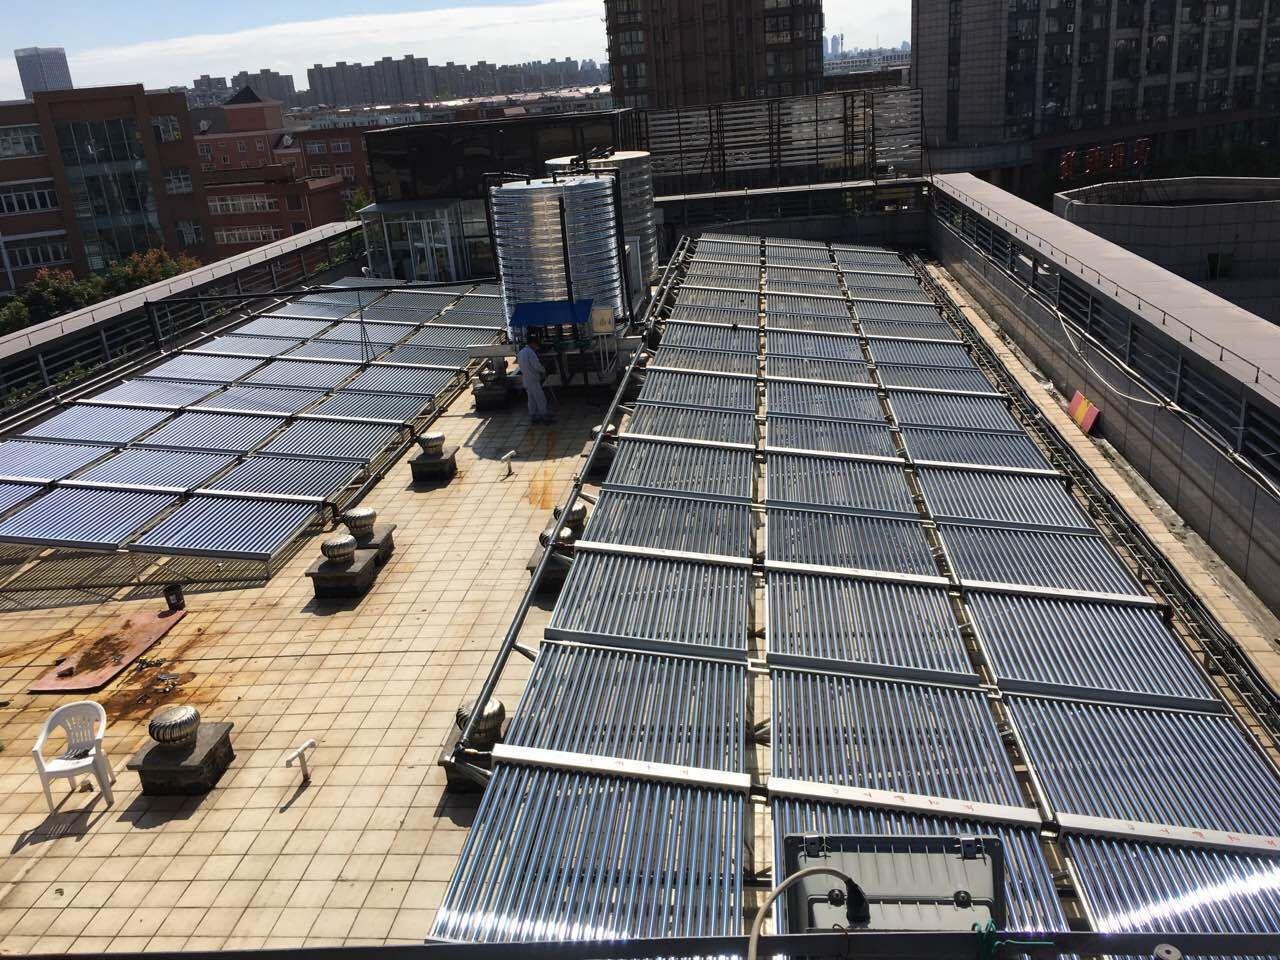 养老院太阳能-空气能联供热水工程